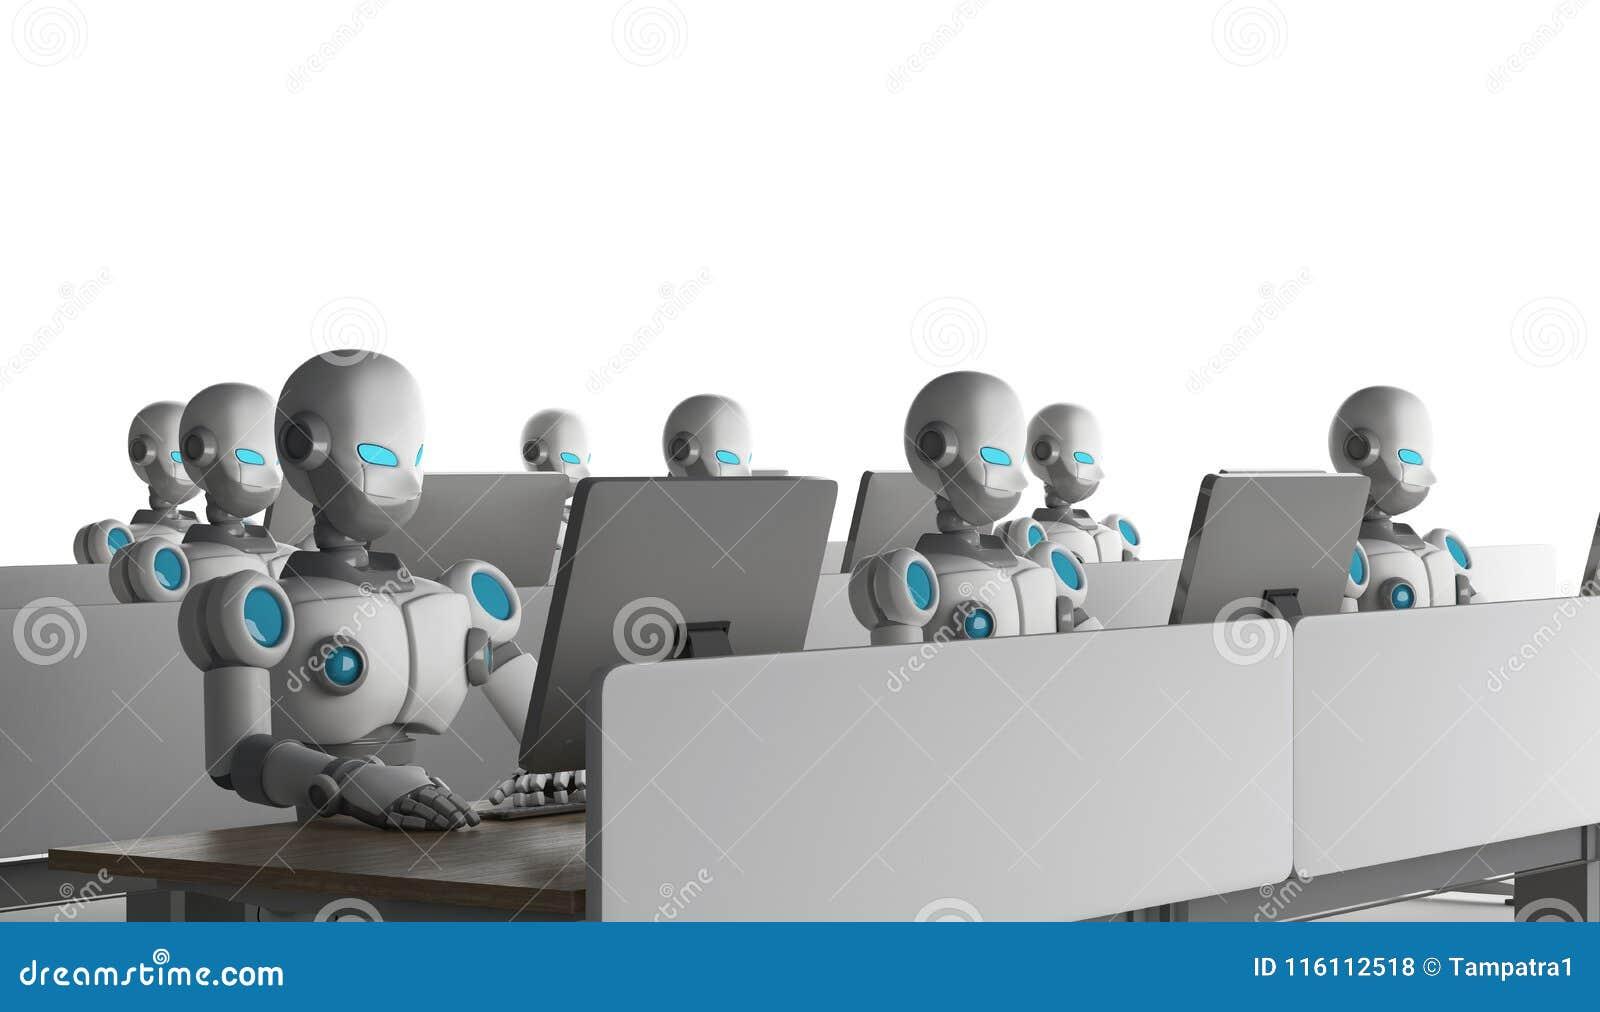 Grupo de robôs usando computadores no fundo branco artificial